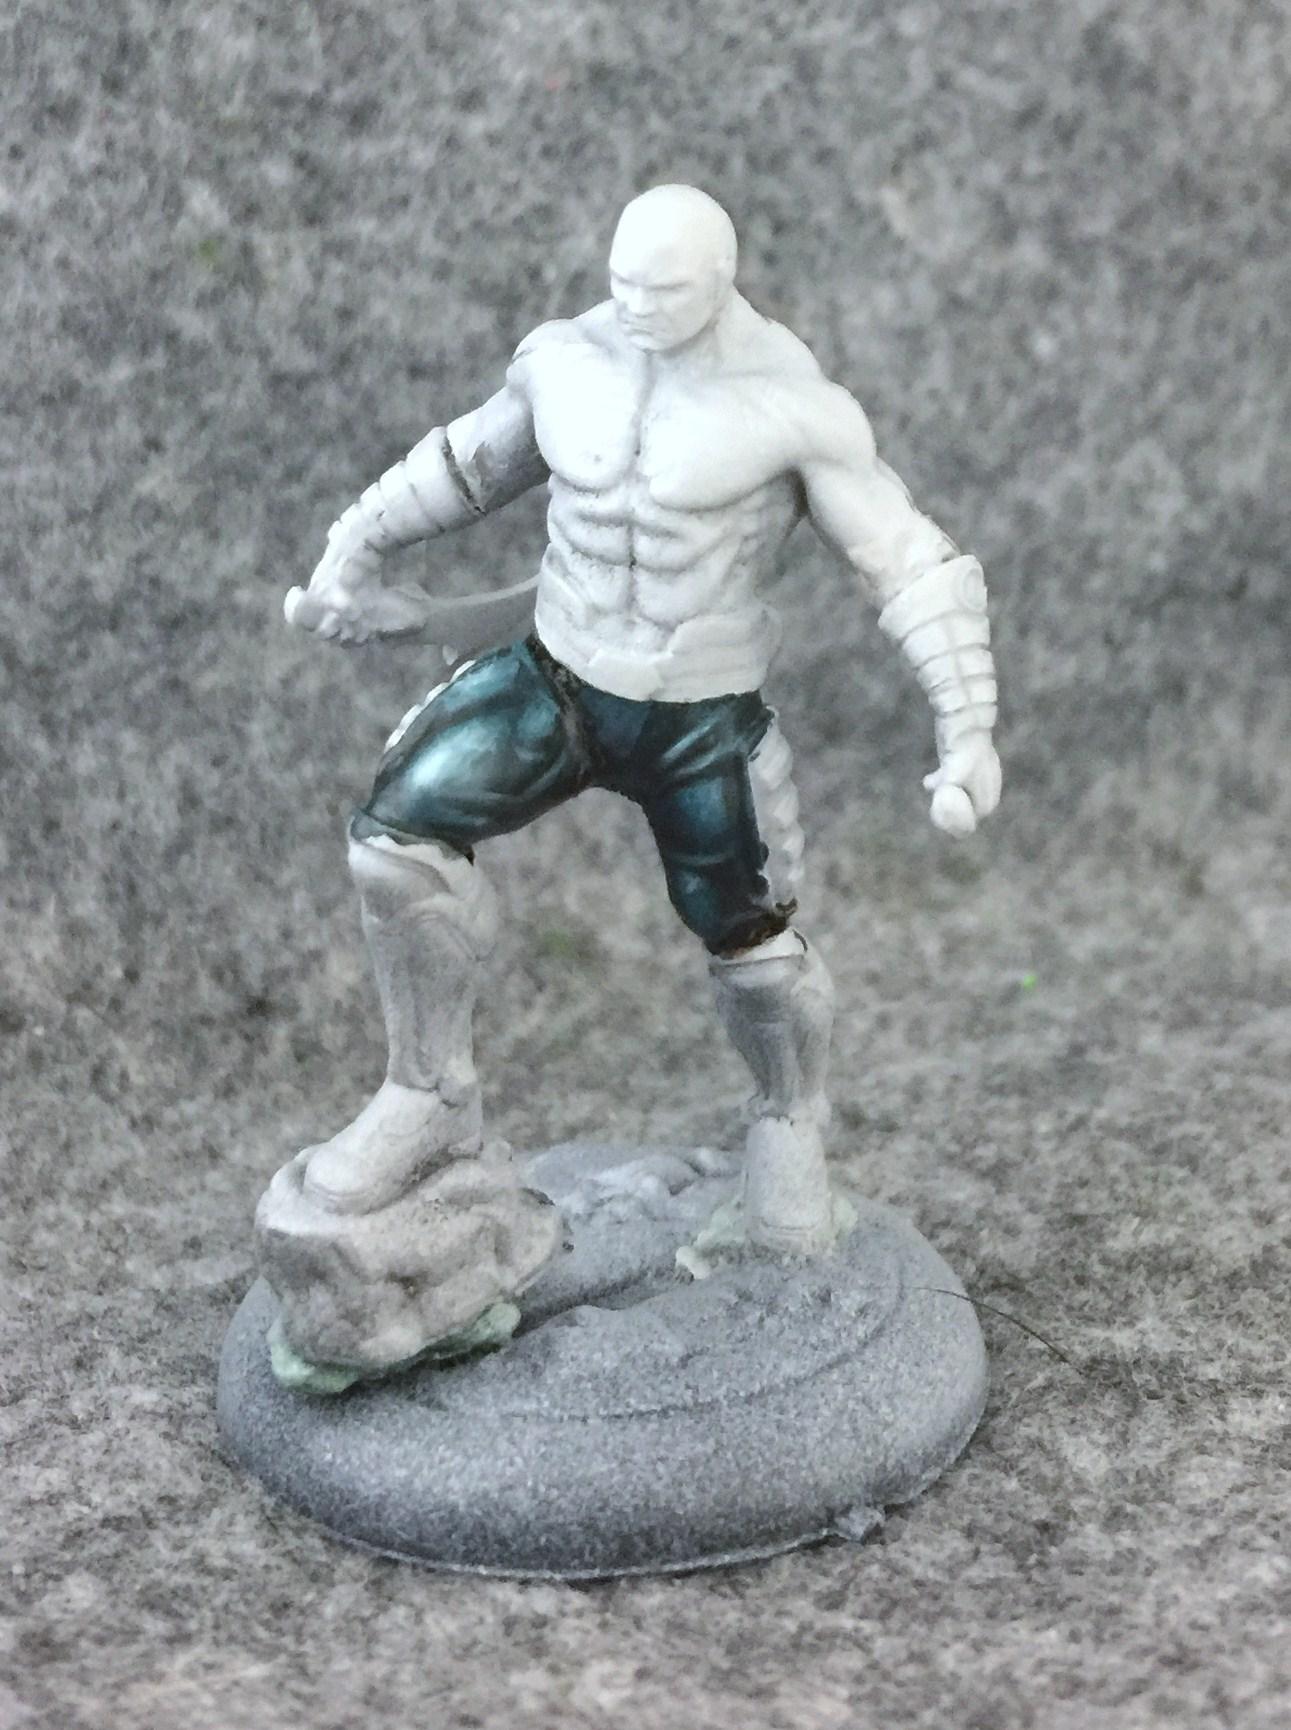 002 Drax Knight Models